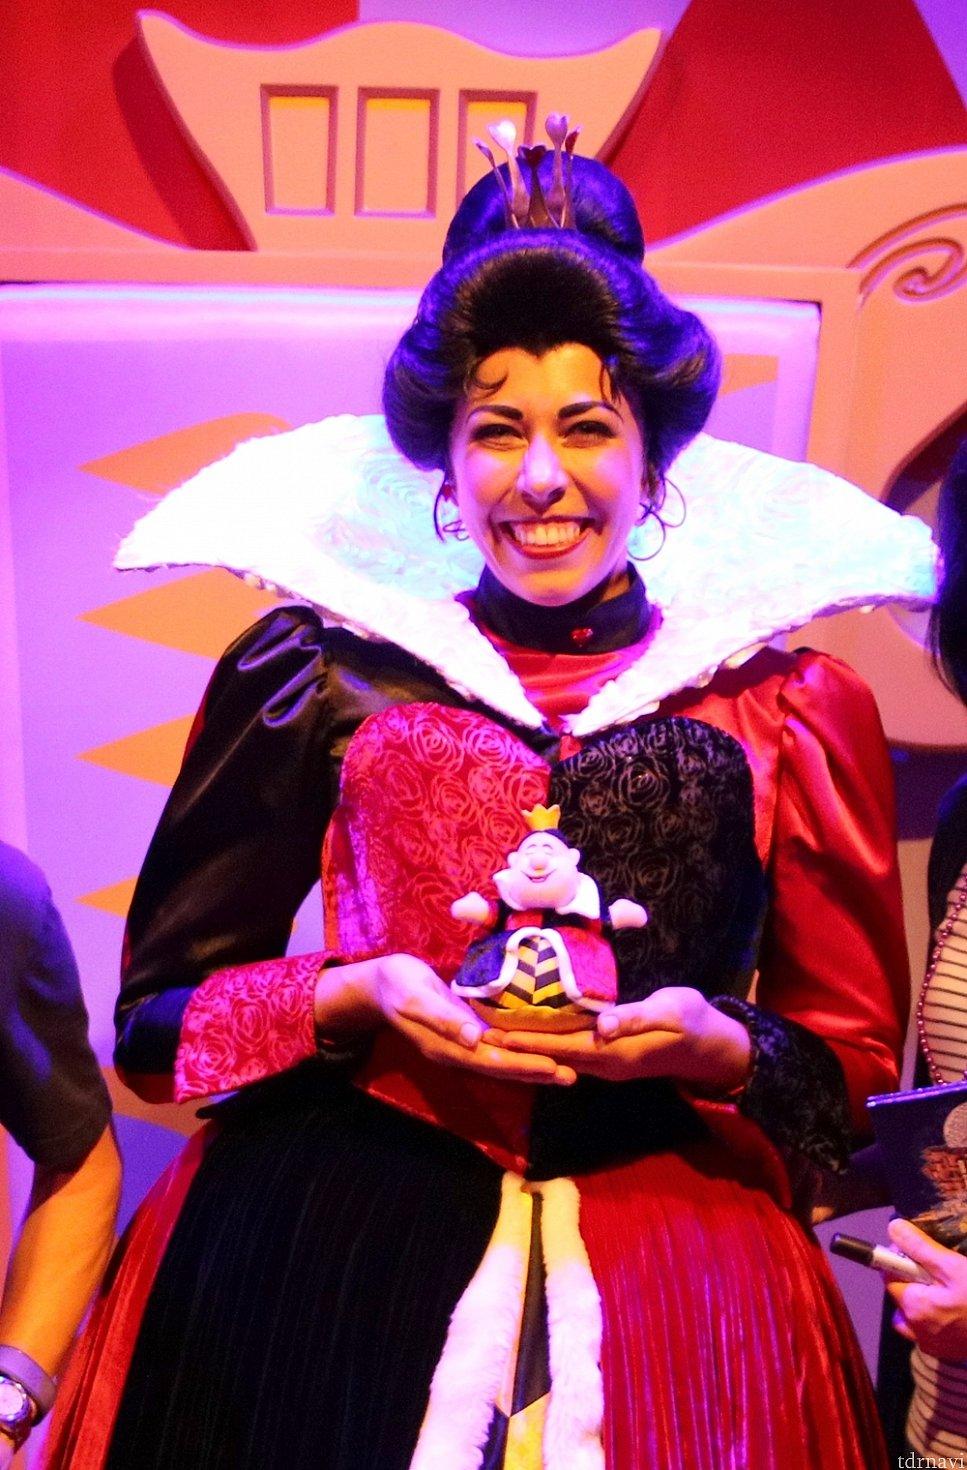 なぜか日本髪な女王は、「あら、アタシ!」とぬいぐるみに大はしゃぎでした!